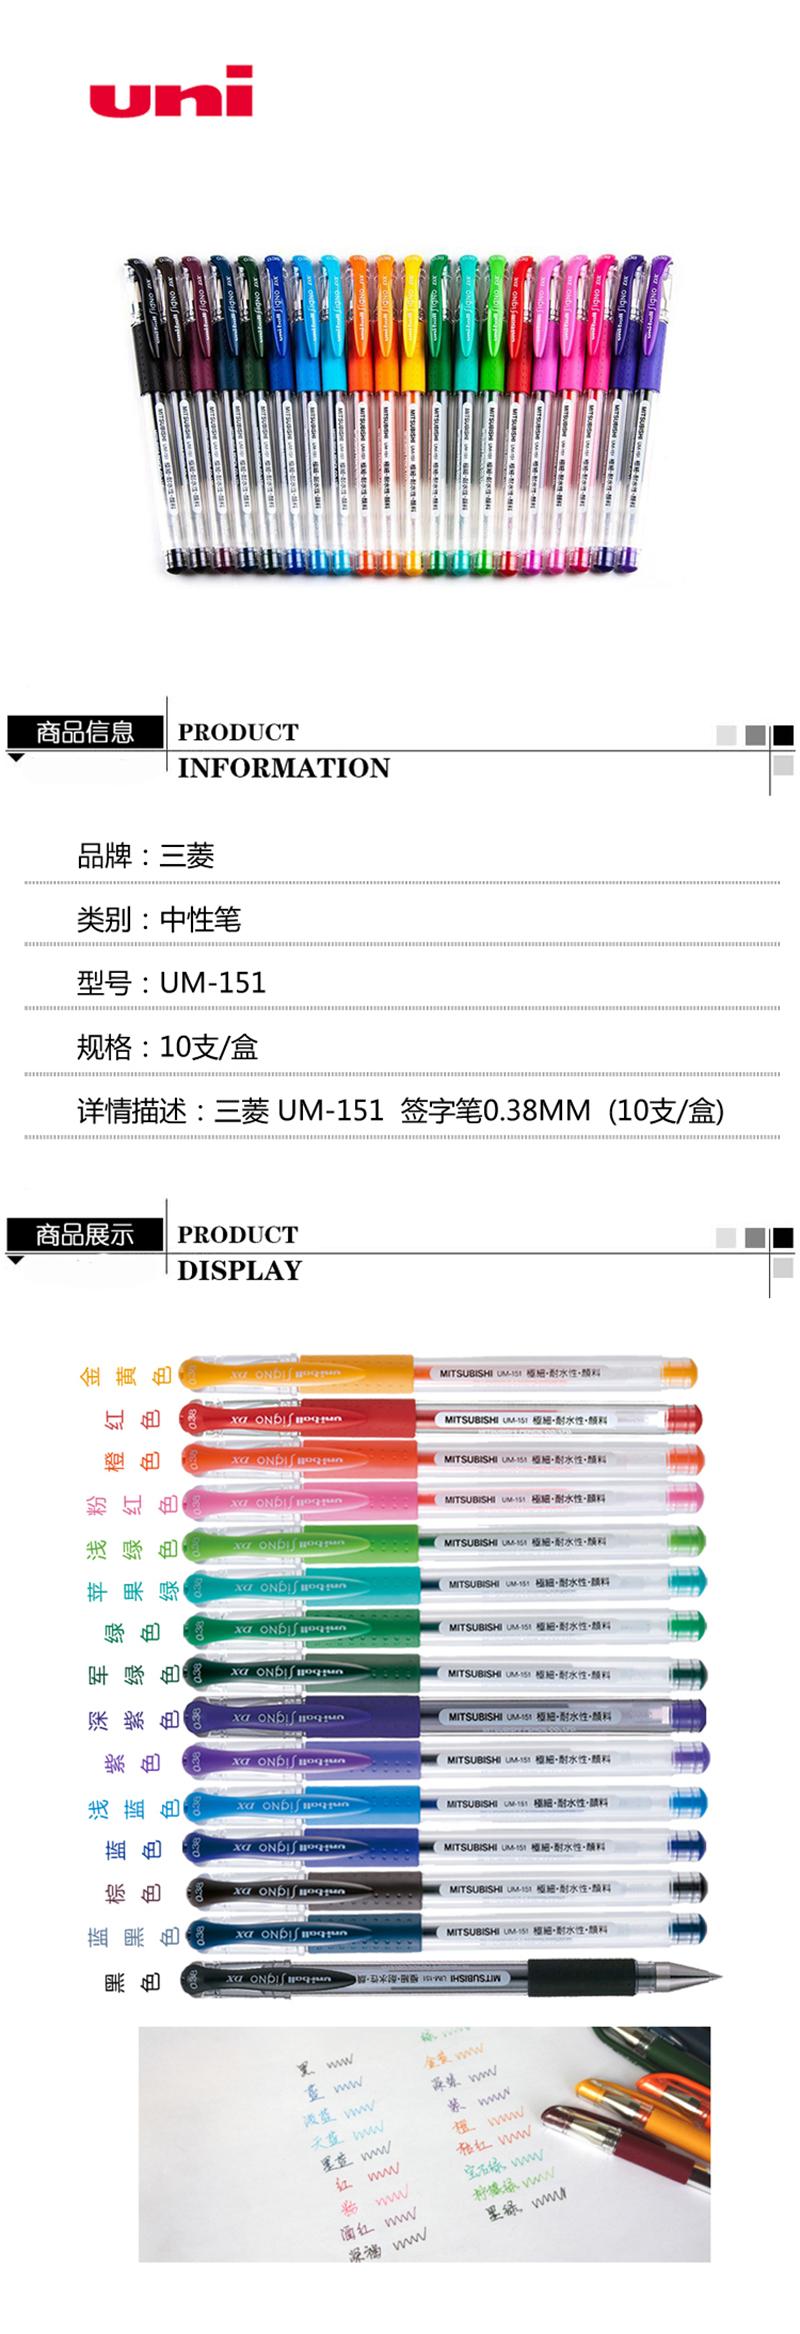 三菱 UM-151 财务用笔0.38M学生用中性签字笔蓝色(替芯URM-1)红色 10支装